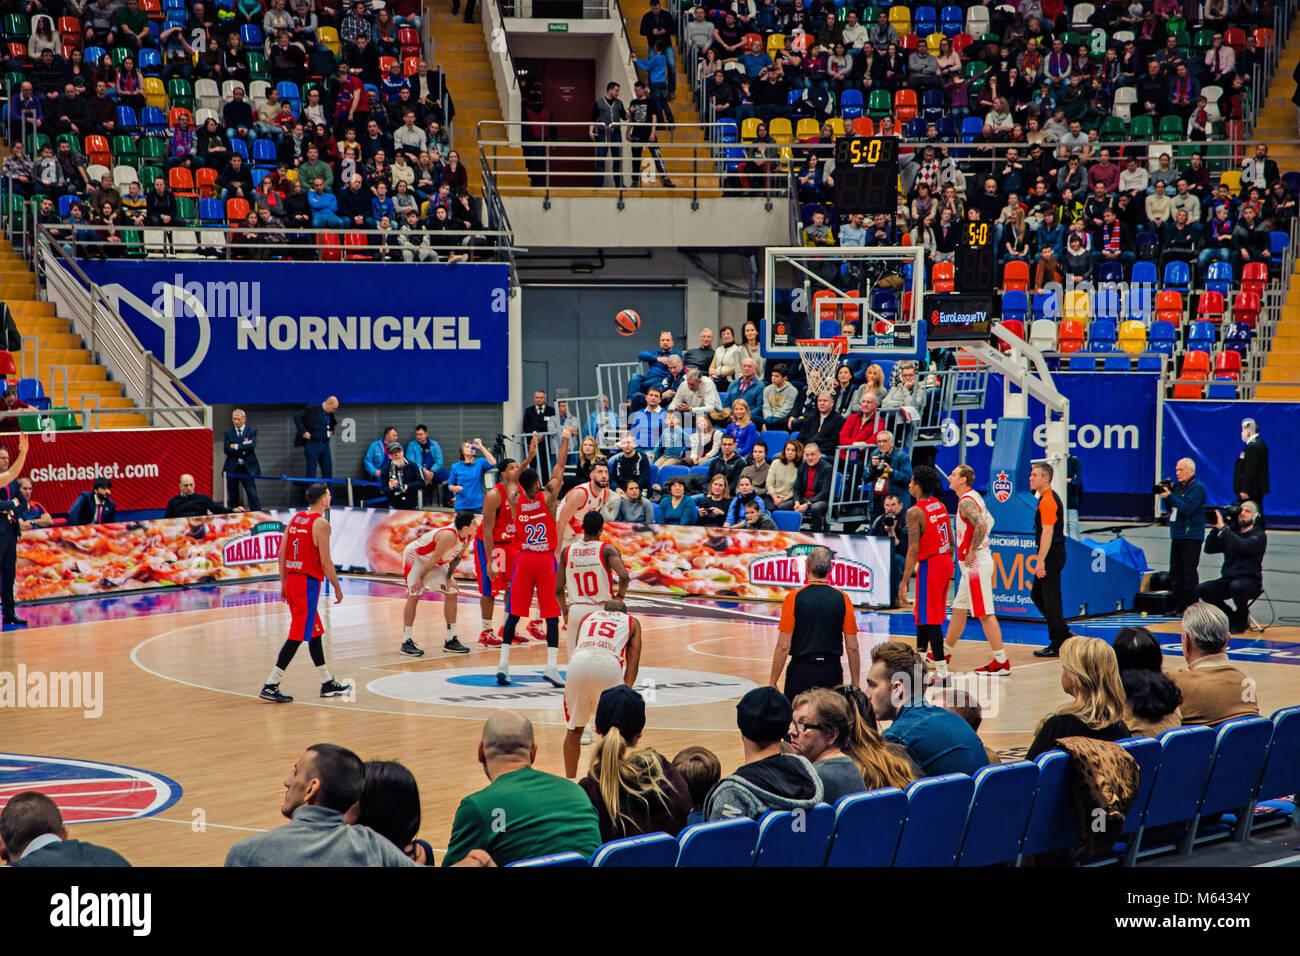 cska moscow basketball